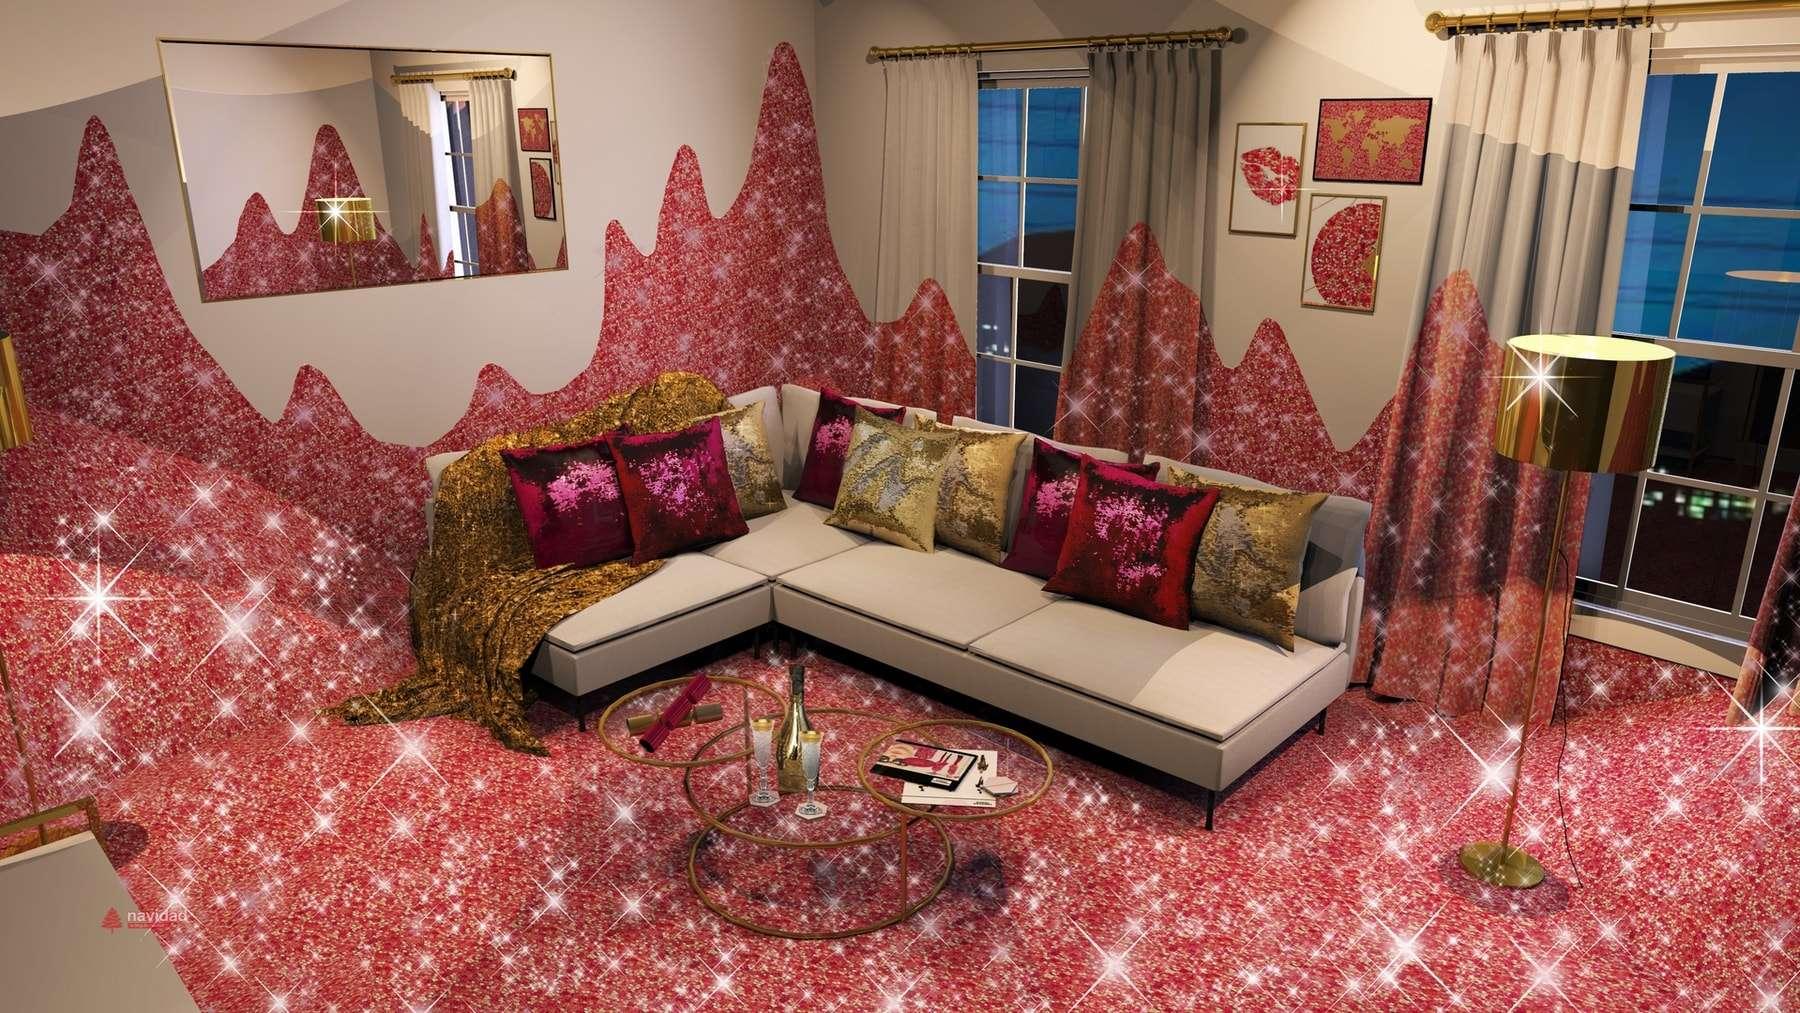 Ilumina tu navidad, esta es la casa más brillante del mundo 3